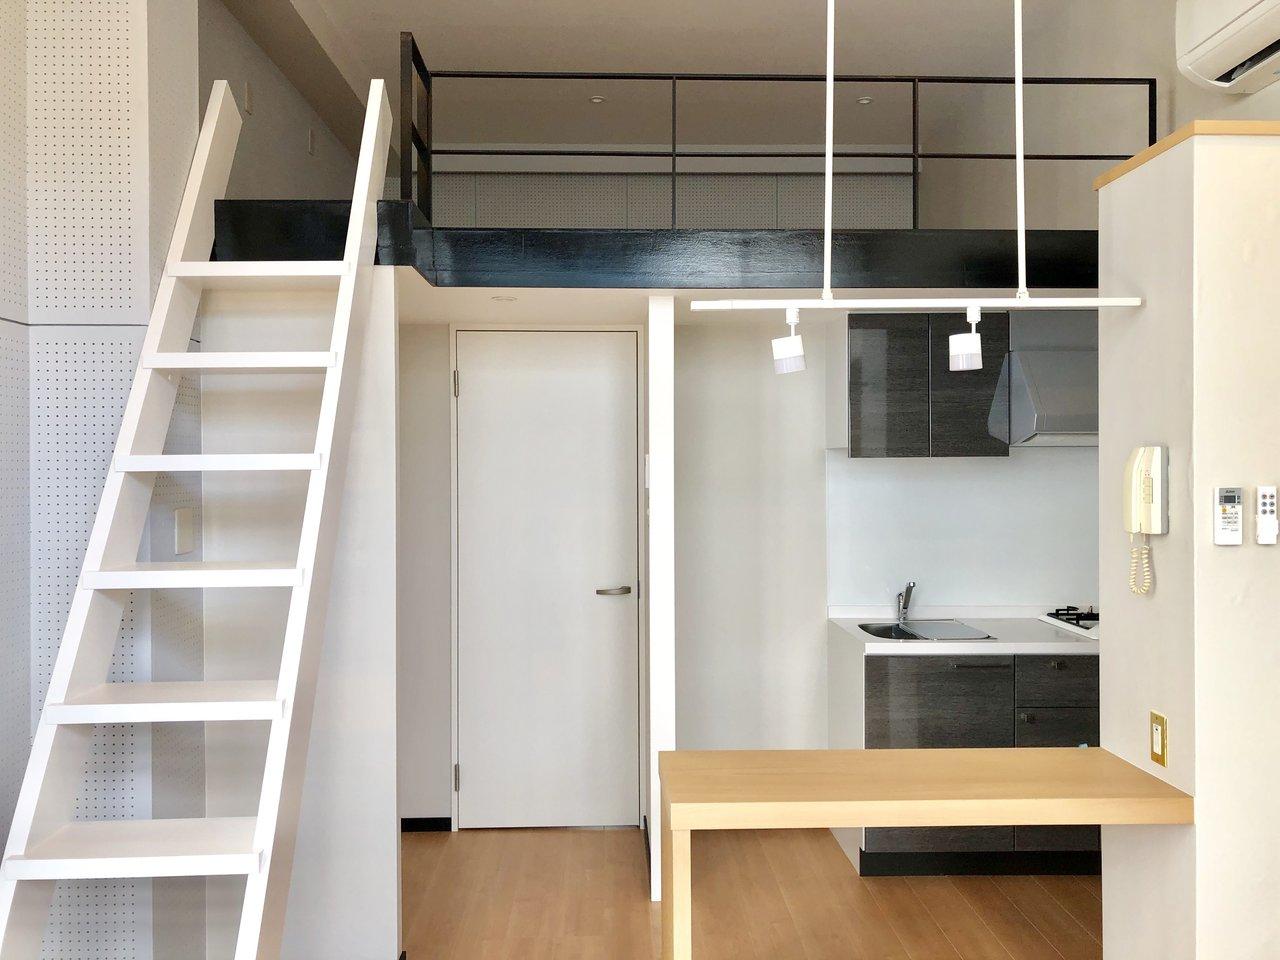 キッチン前にはカウンターテーブル。ロフトは布団を敷いて寝室に使って、家具を買う必要がほとんどなさそうな部屋です。